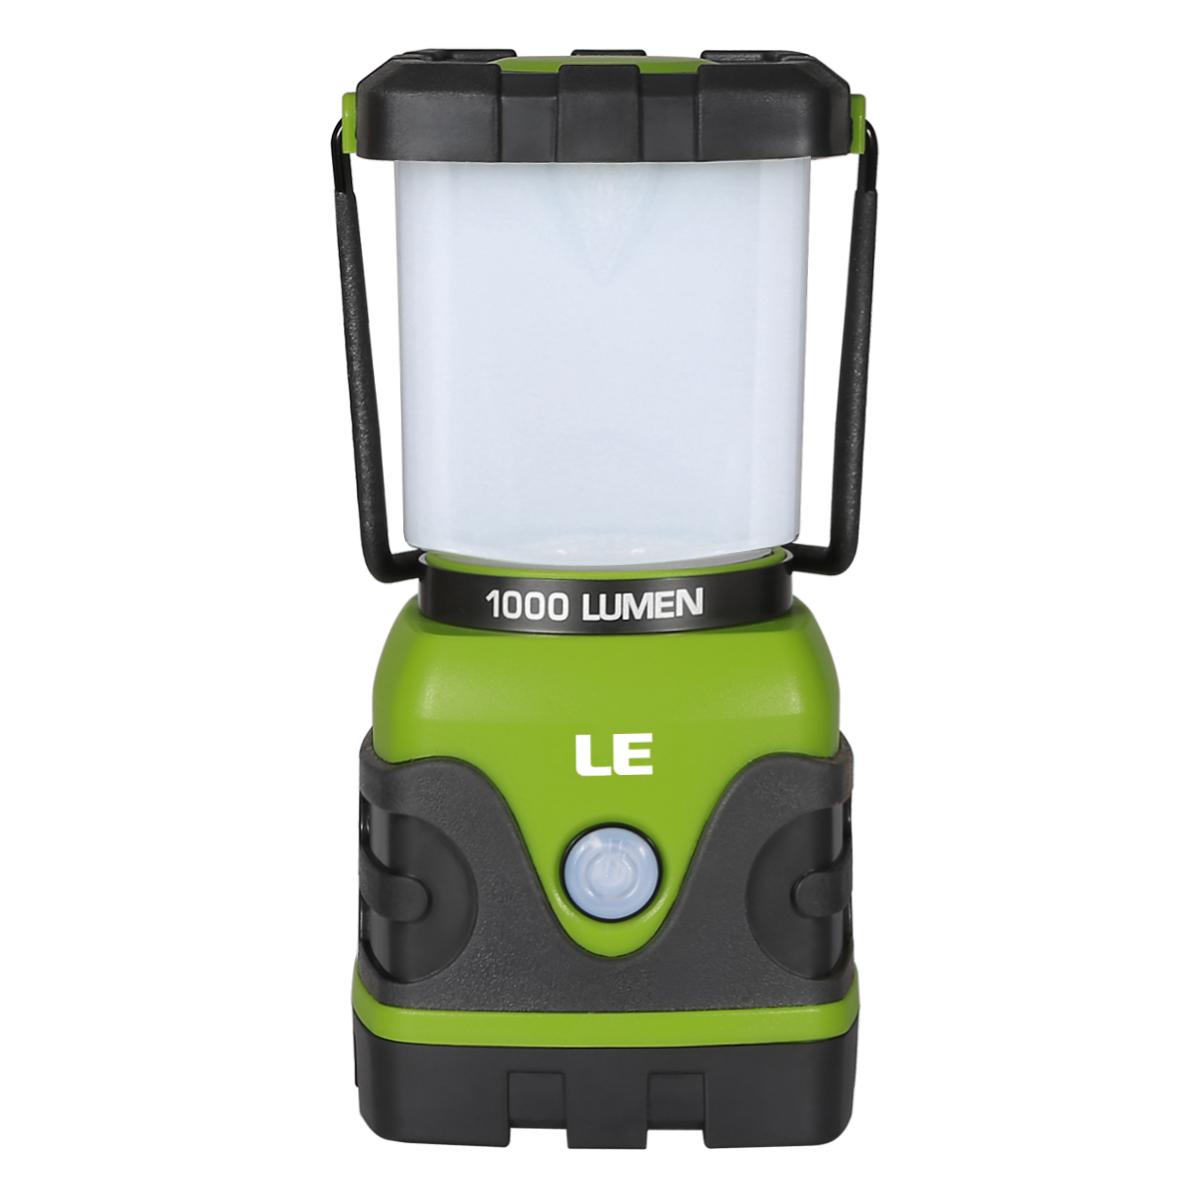 10W LED Campinglaterne, Dimmbar 1000lm Campinglampe, 3 Helligkeiten, IP44 Wasserdicht, Batteriebetrieben, Außenleuchte für Stromausfßllen Wandern